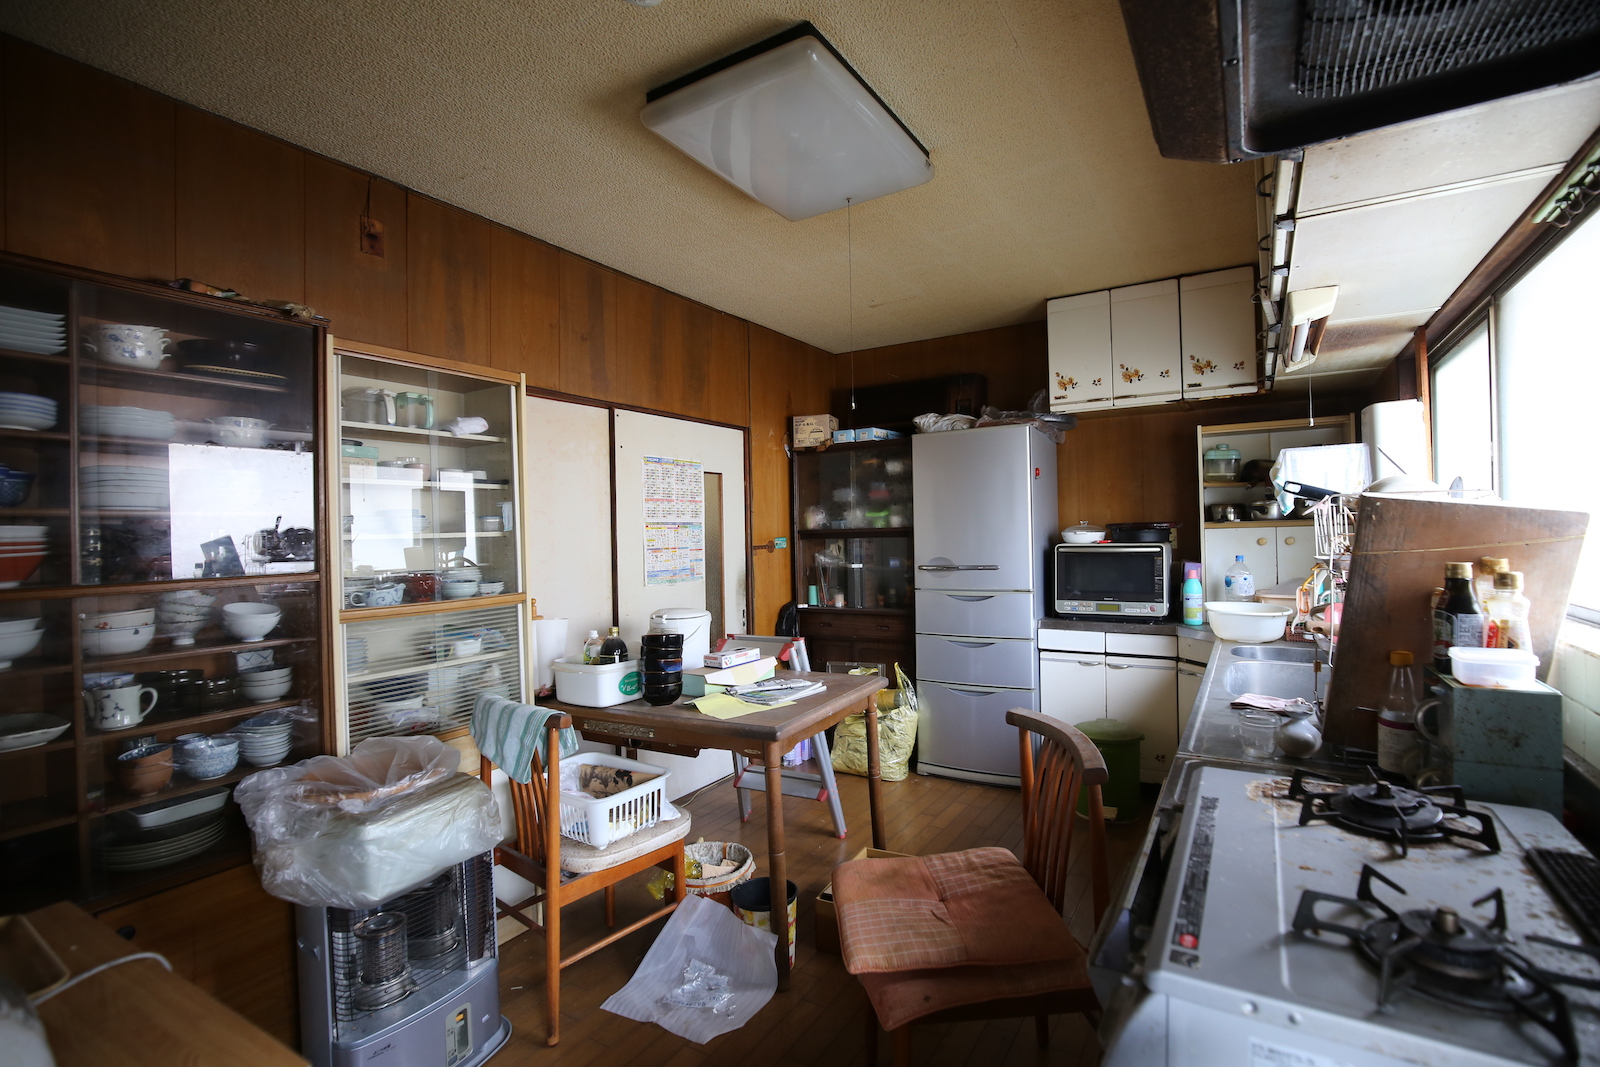 説明画像|大分市ではジェットの建売が有名ですが坂井建設の建売物件もぜひ見てください!: